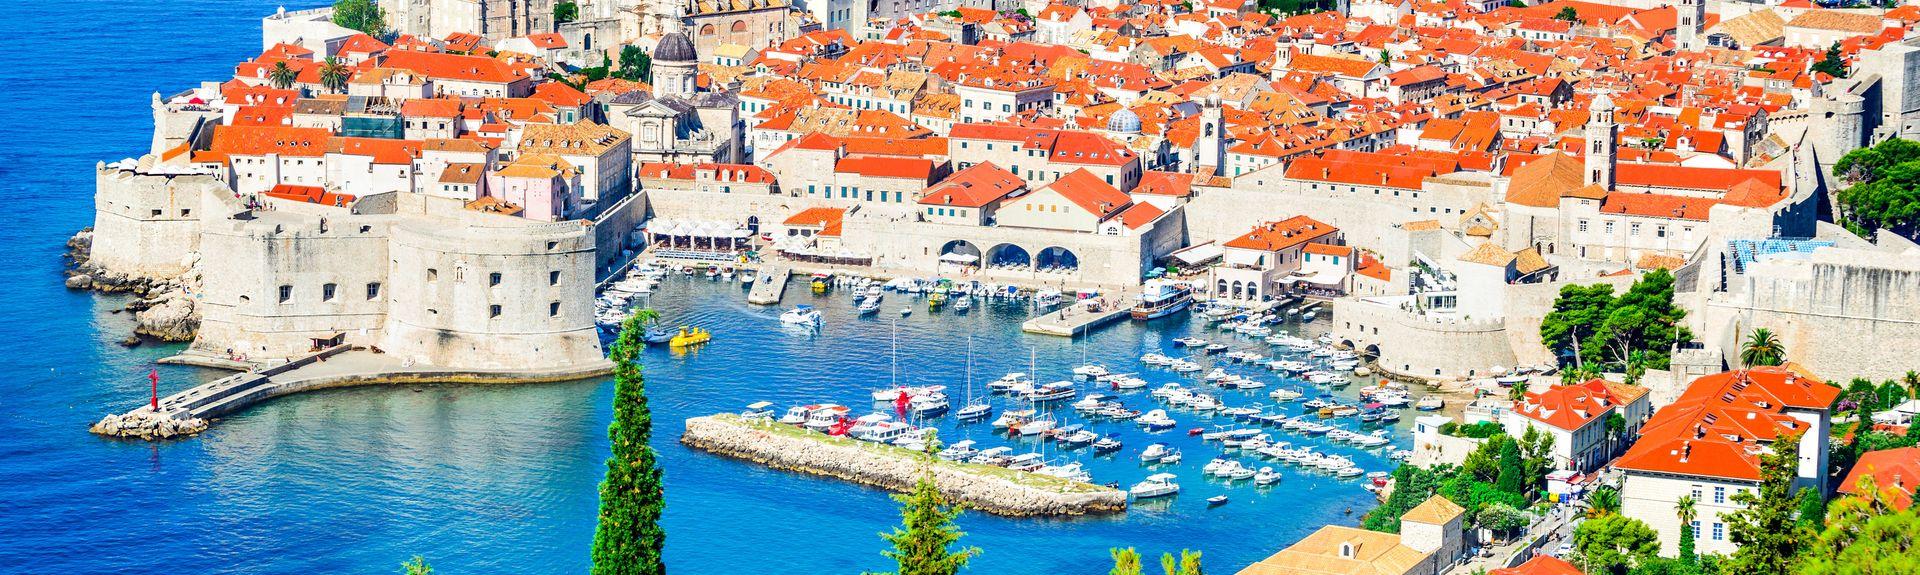 Dubrovnik, Dubrovnik-Neretva, Kroatia